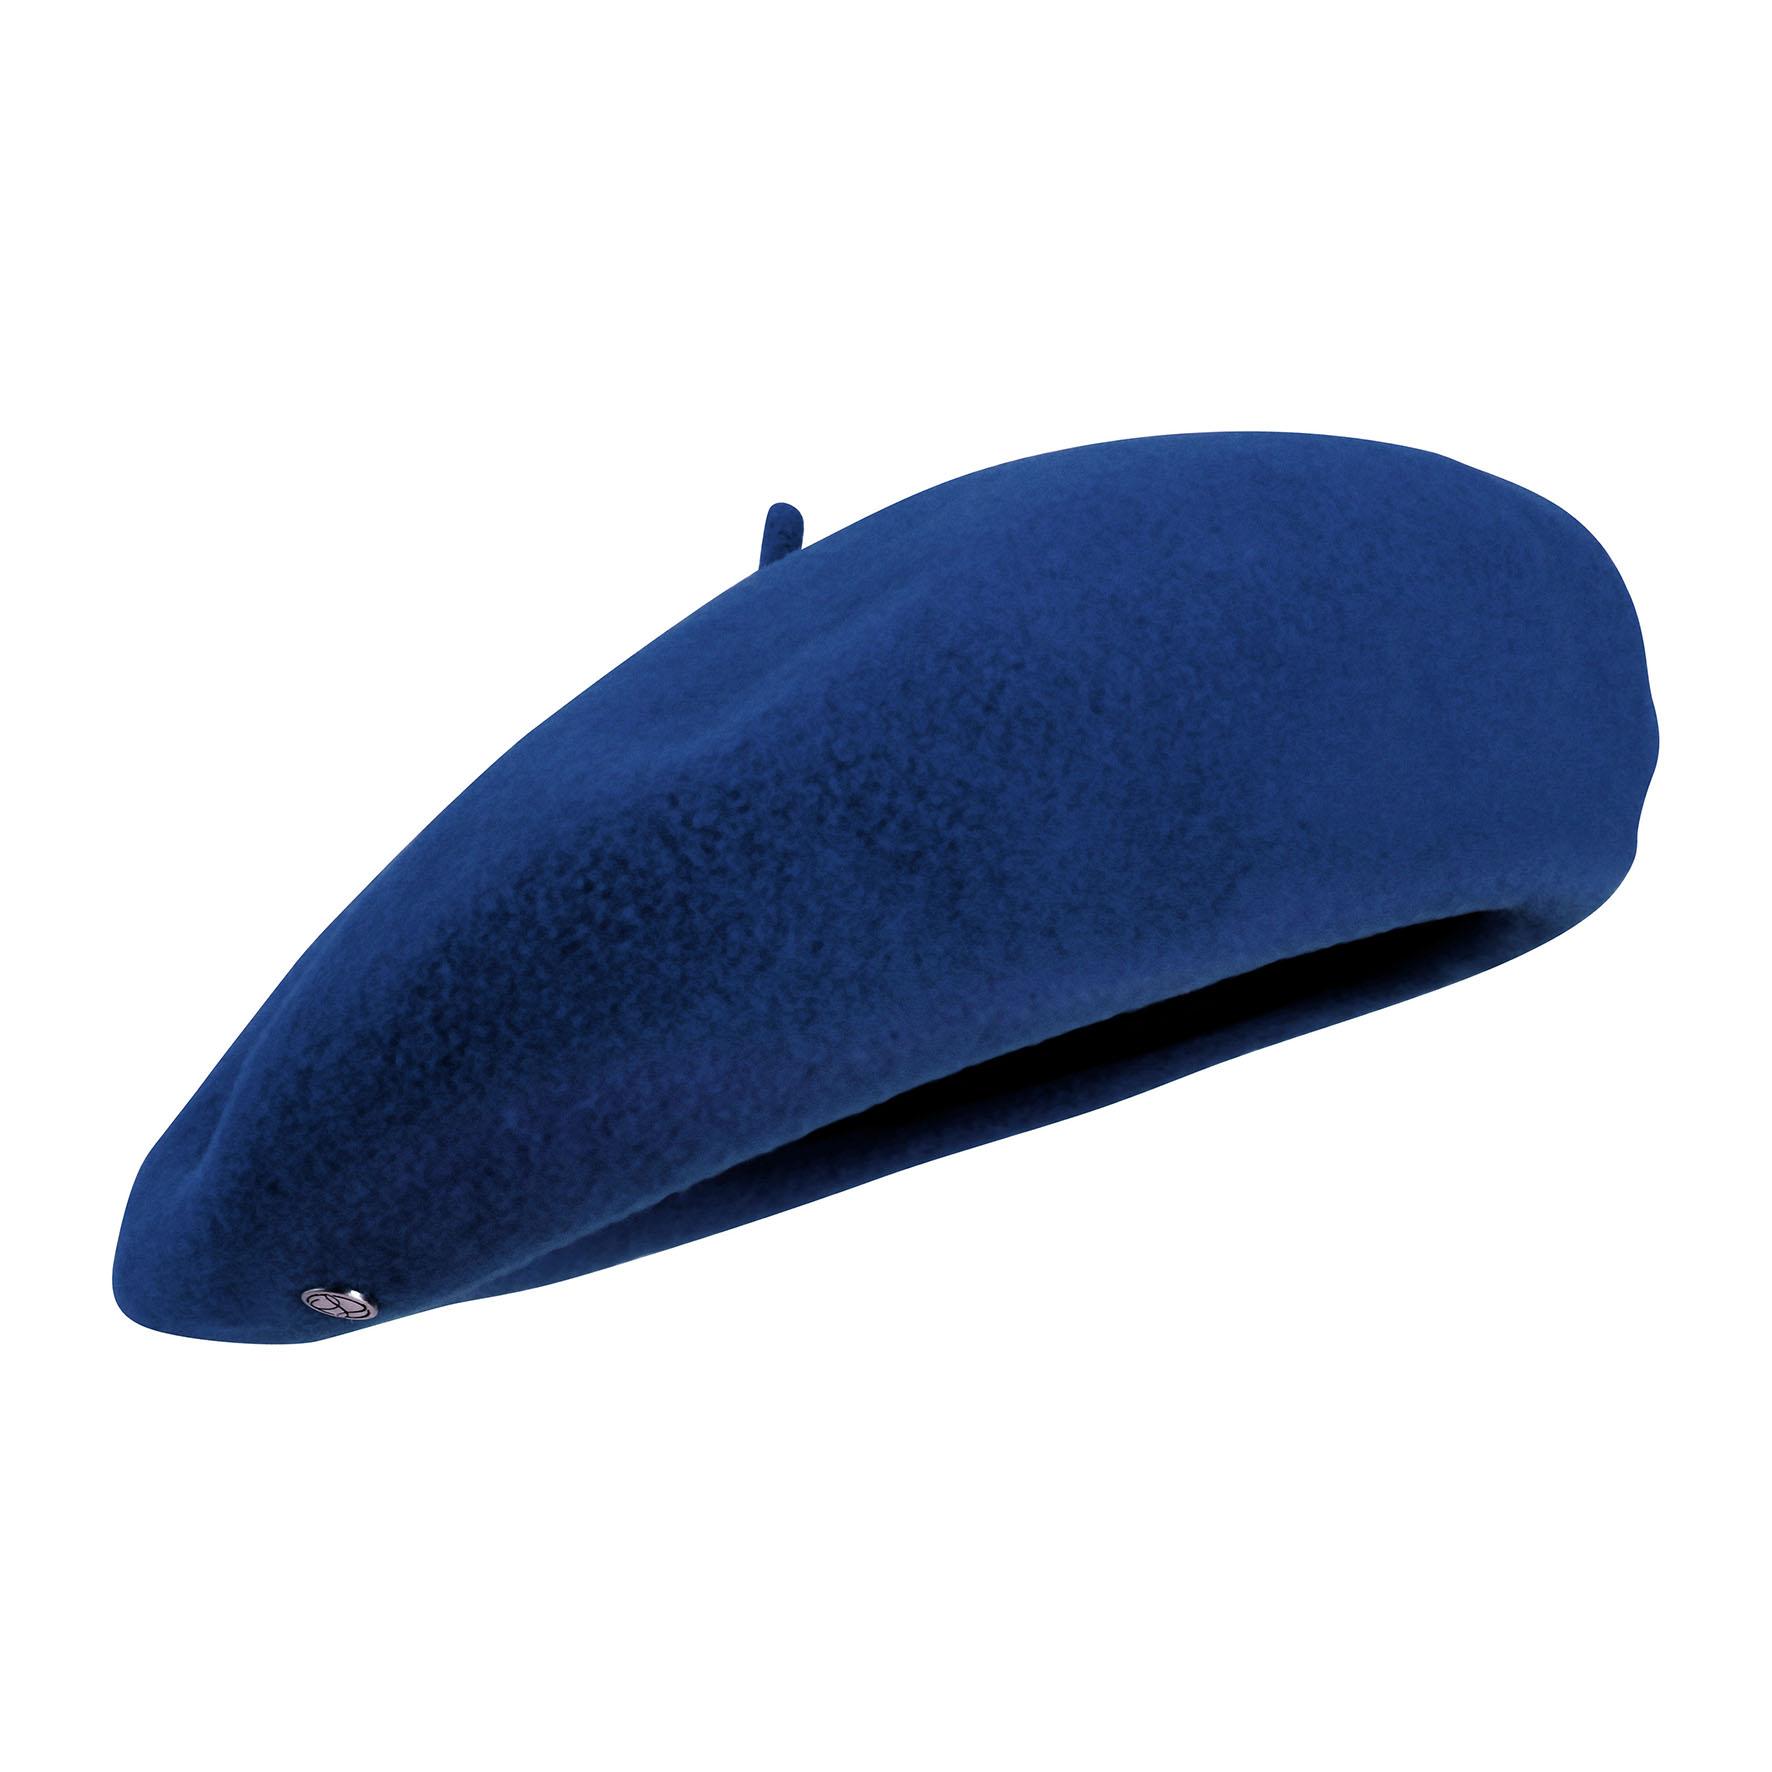 Laulhère Beret Authentique Royal Blue